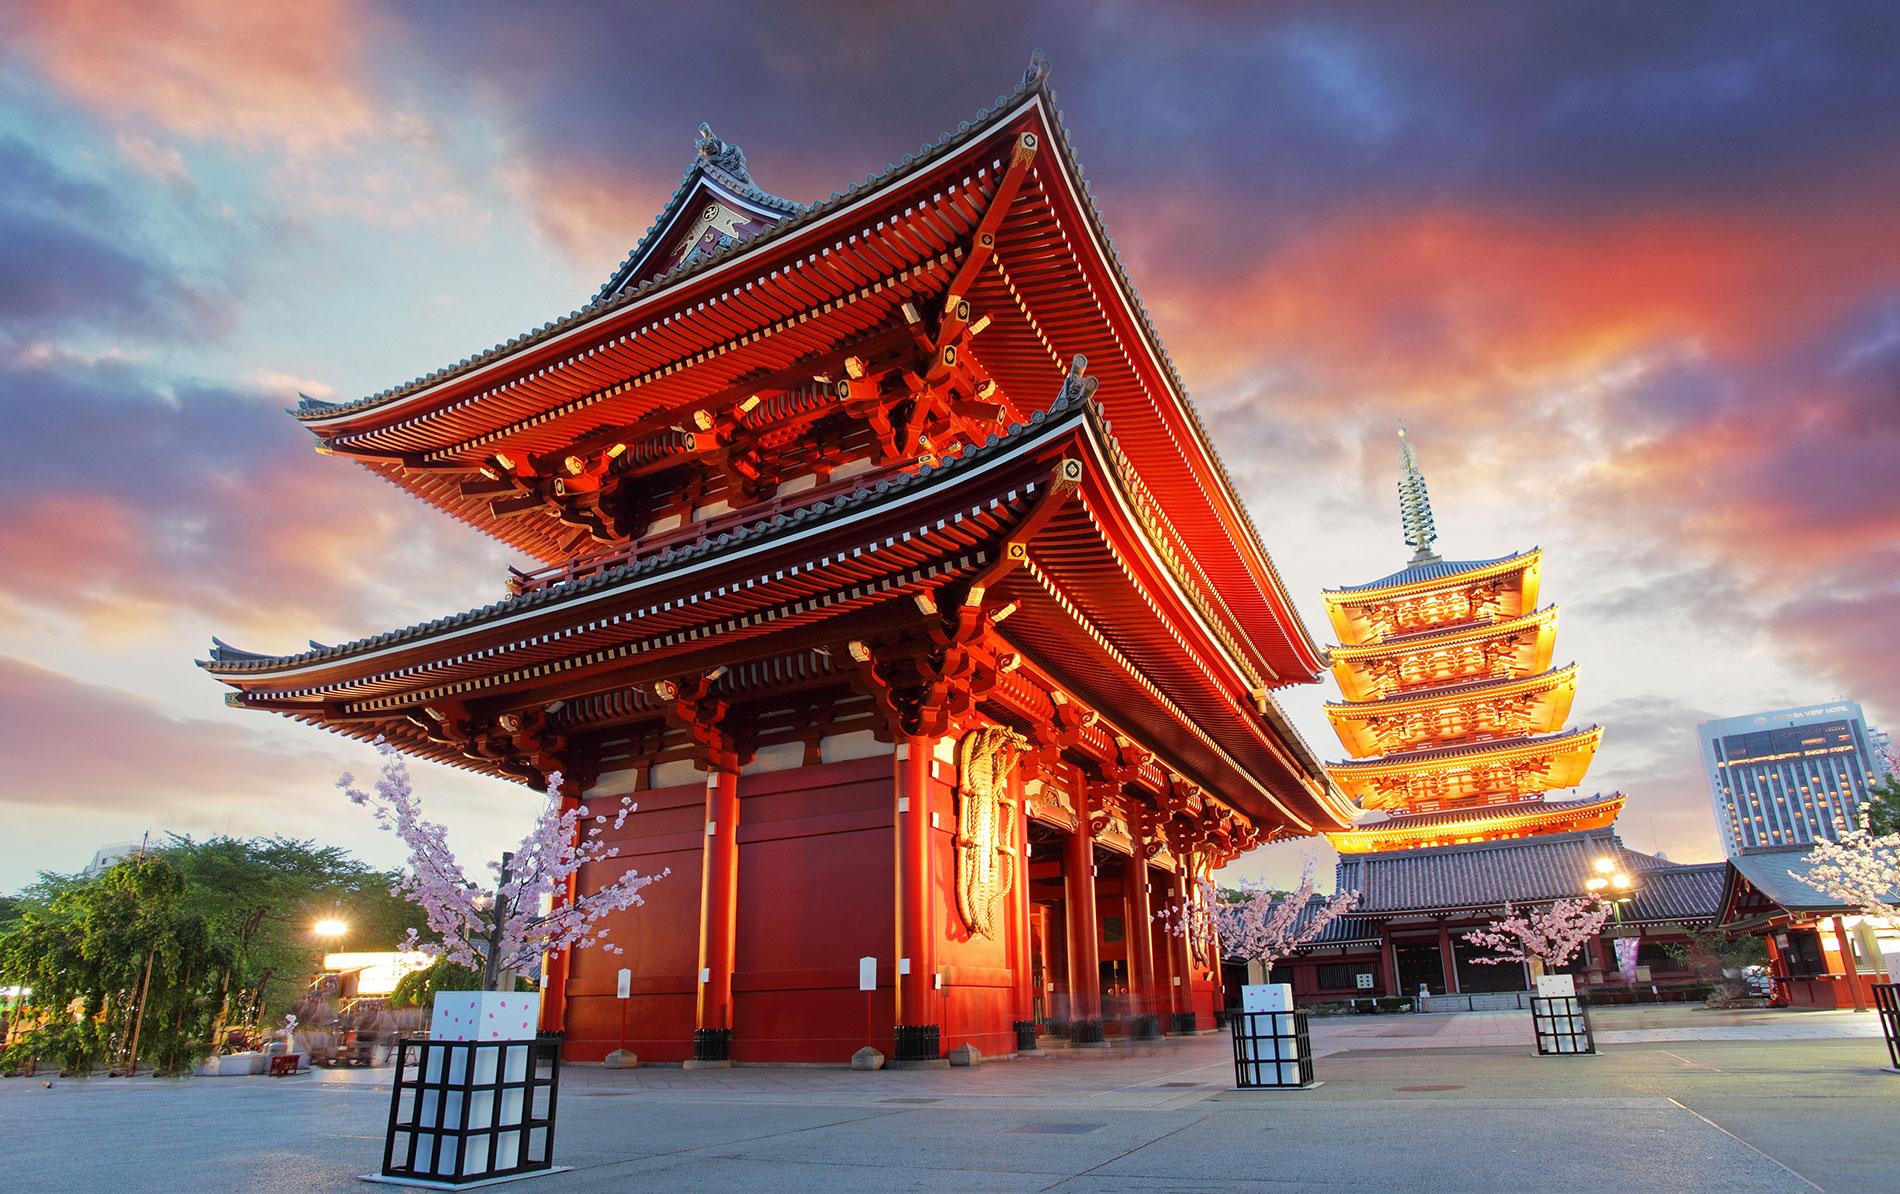 TAKE A STROLL AROUND KIYOSUMI GARDEN IN TOKYO